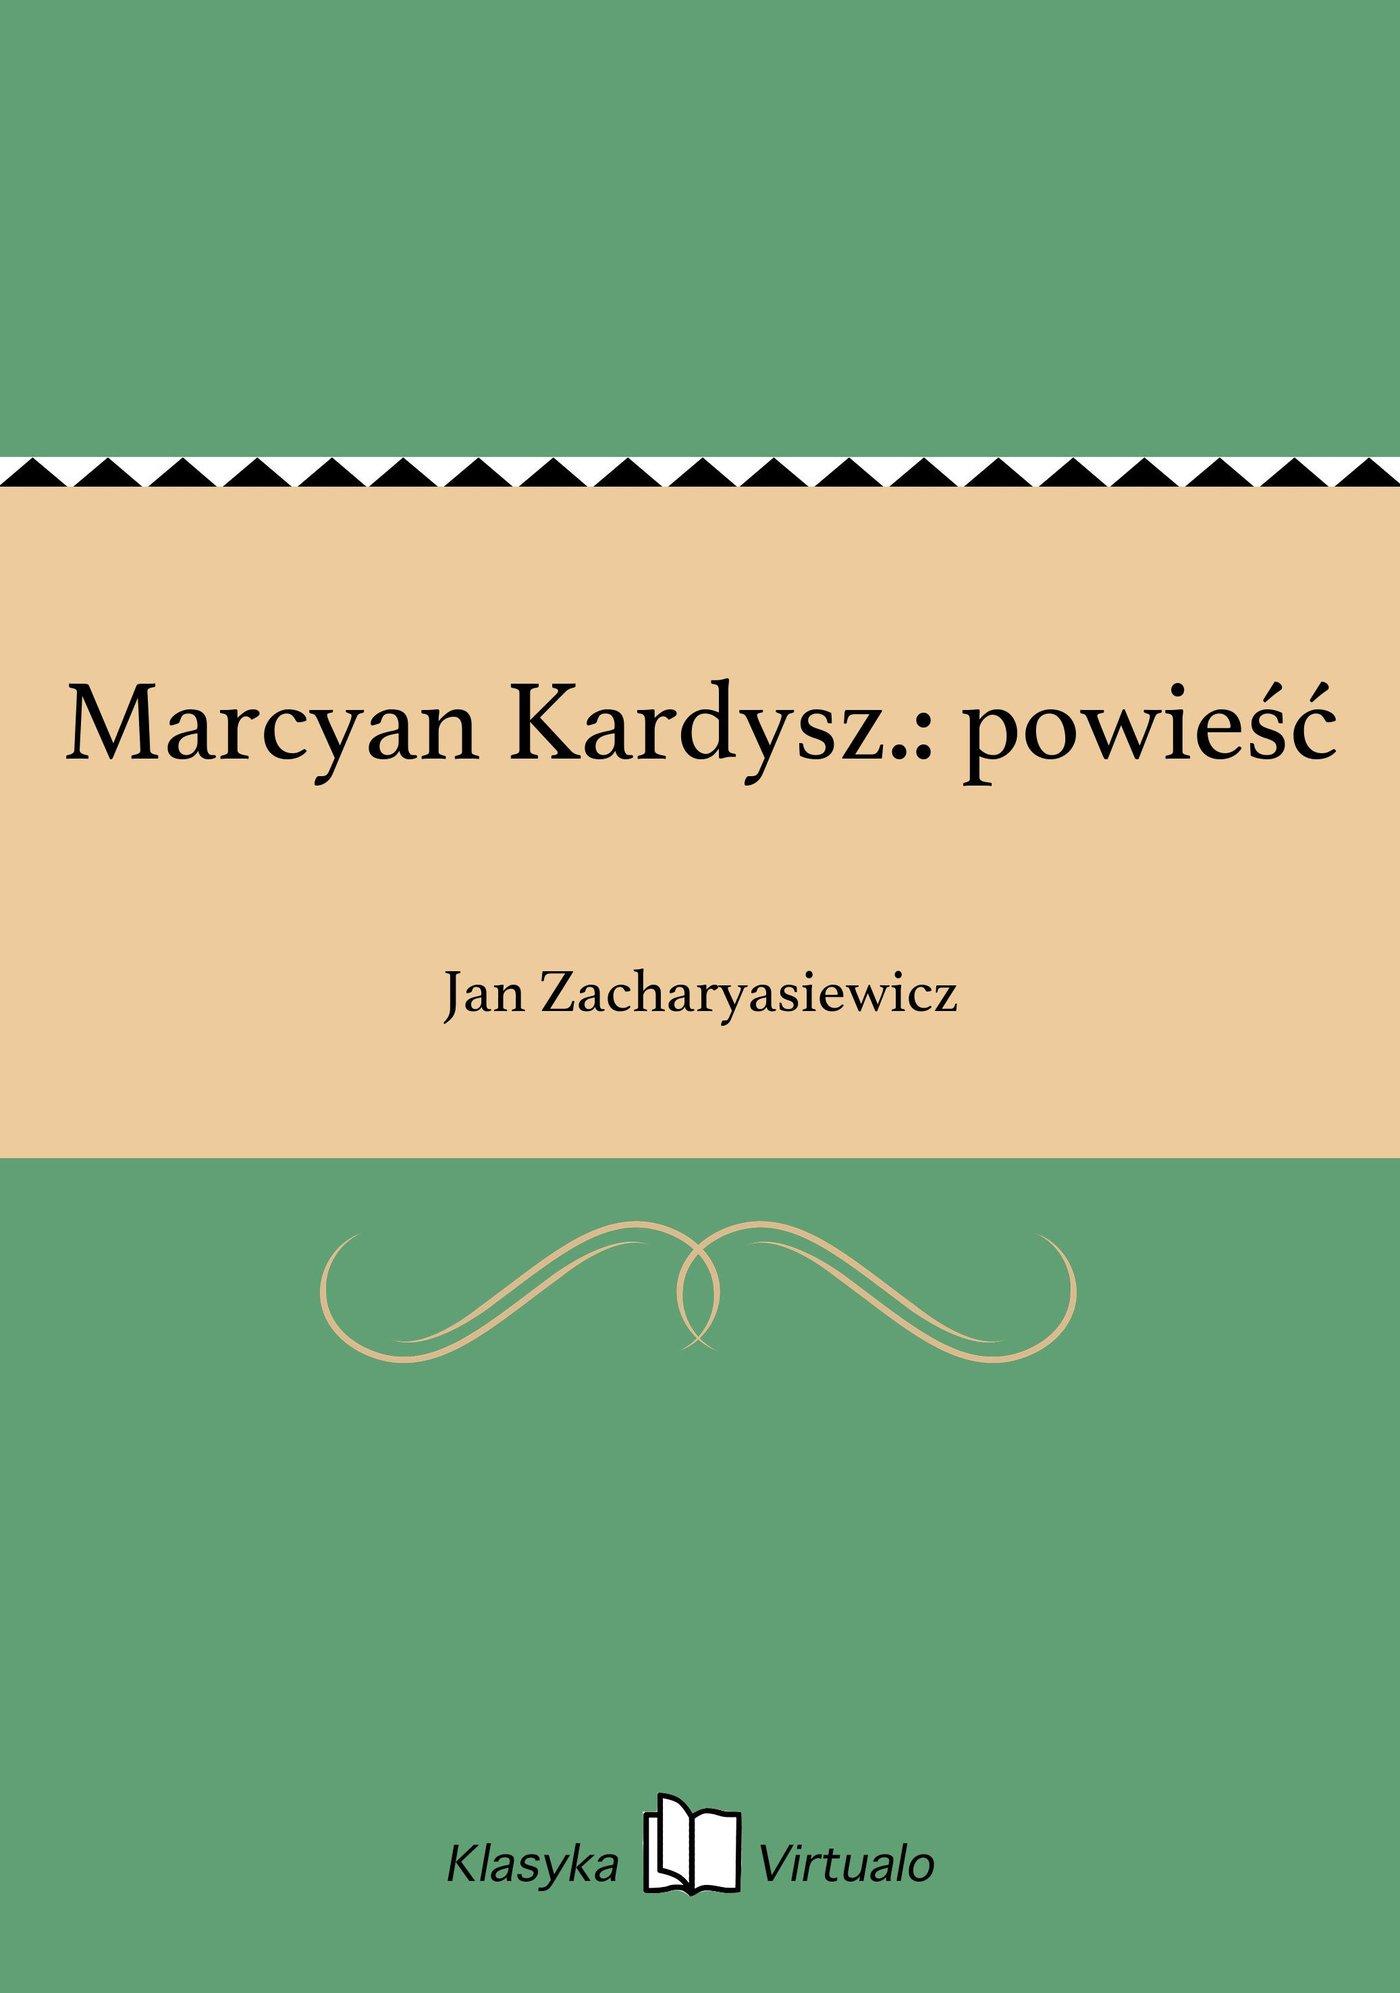 Marcyan Kardysz.: powieść - Ebook (Książka EPUB) do pobrania w formacie EPUB